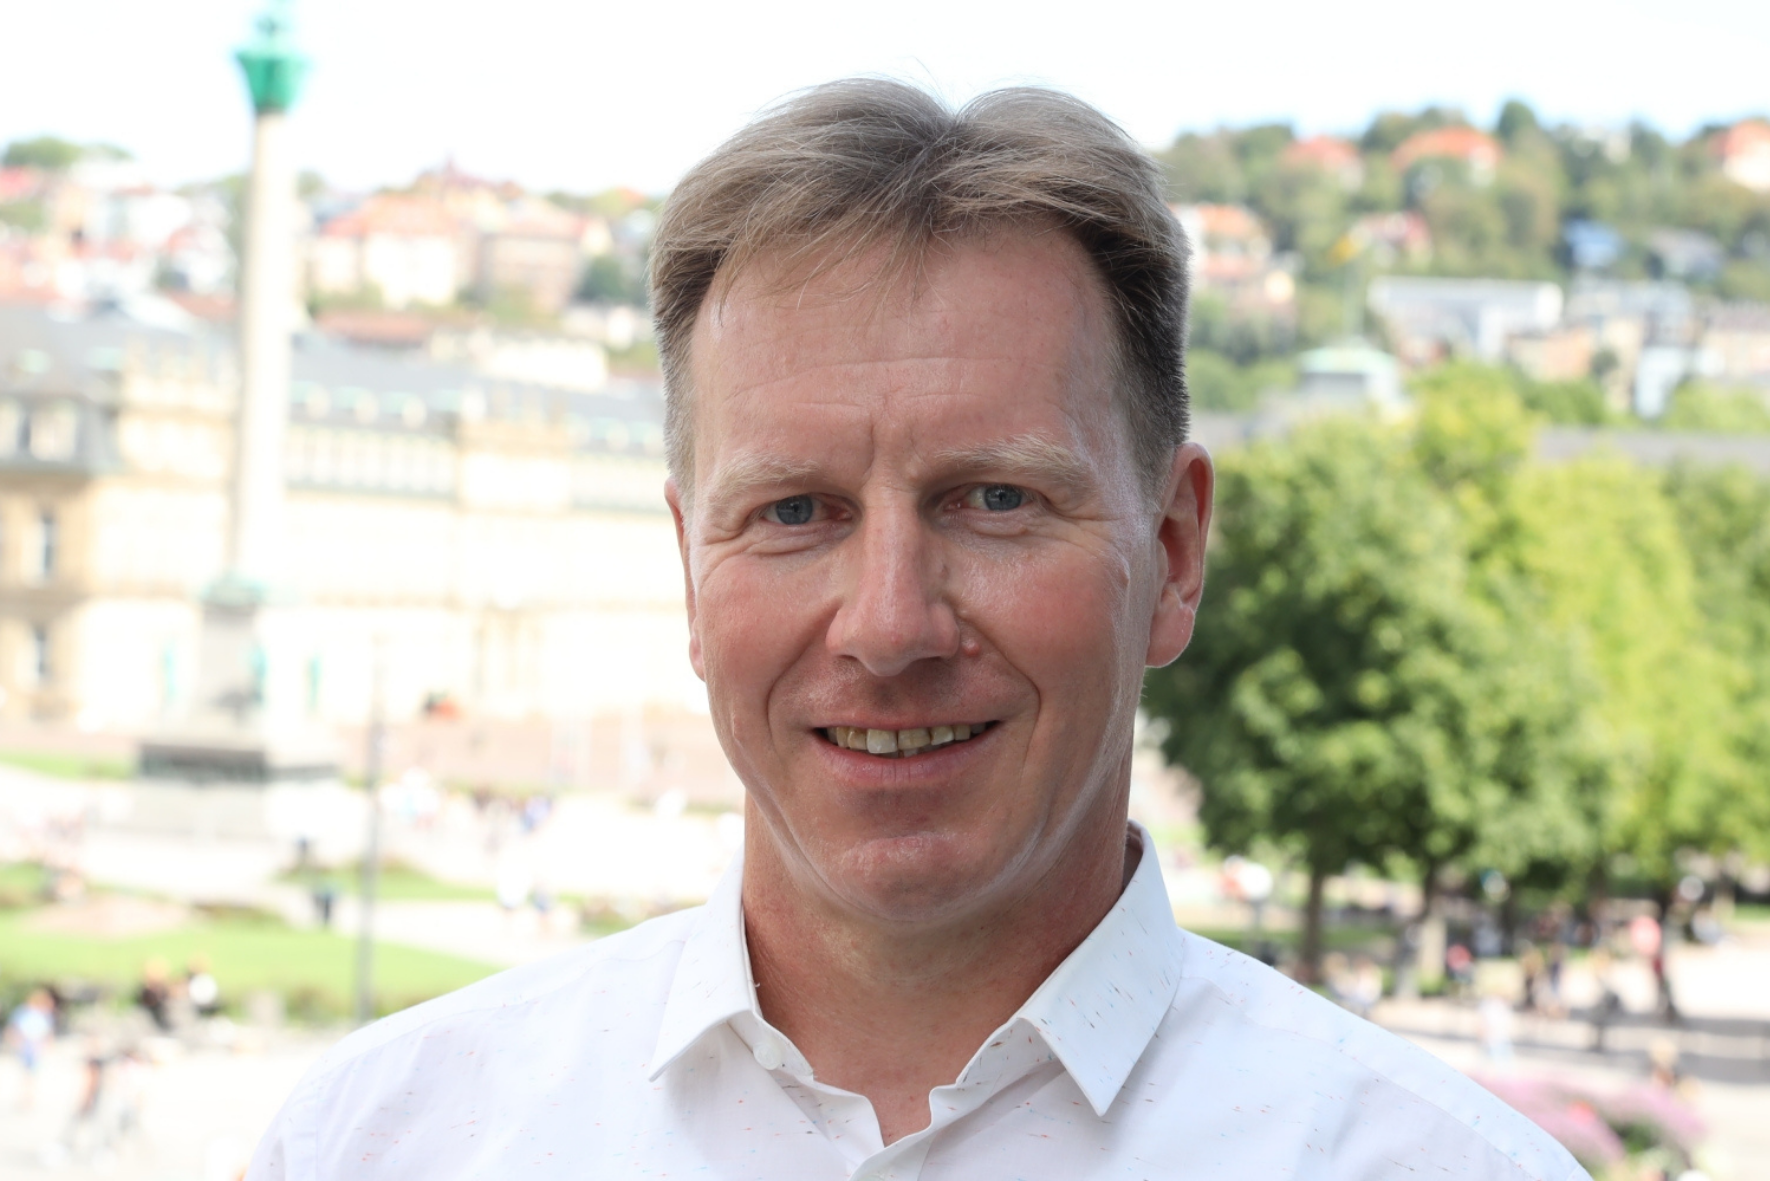 Mann im weißen Hemd vor dem Stuttgarter Schlossplatz